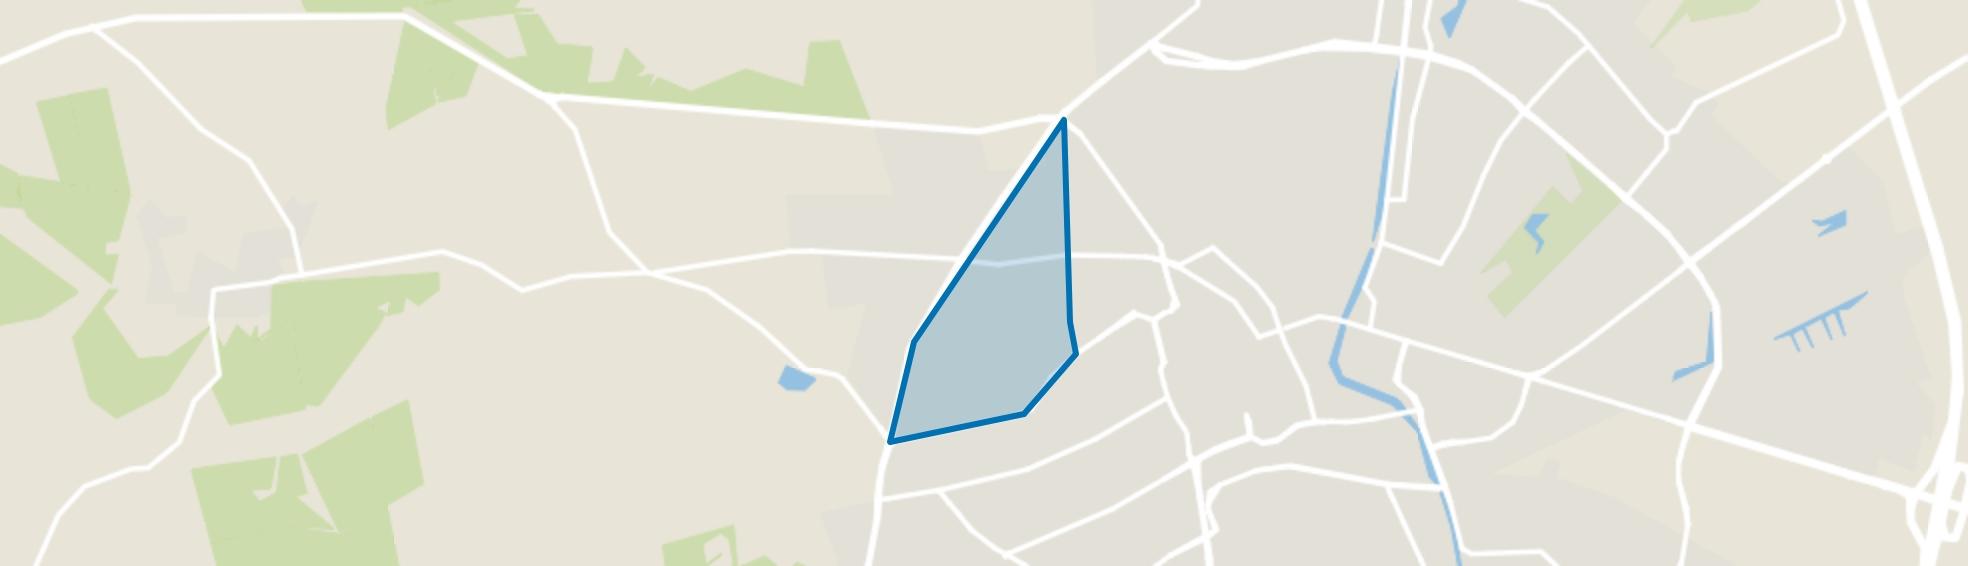 Sprengenbos, Apeldoorn map